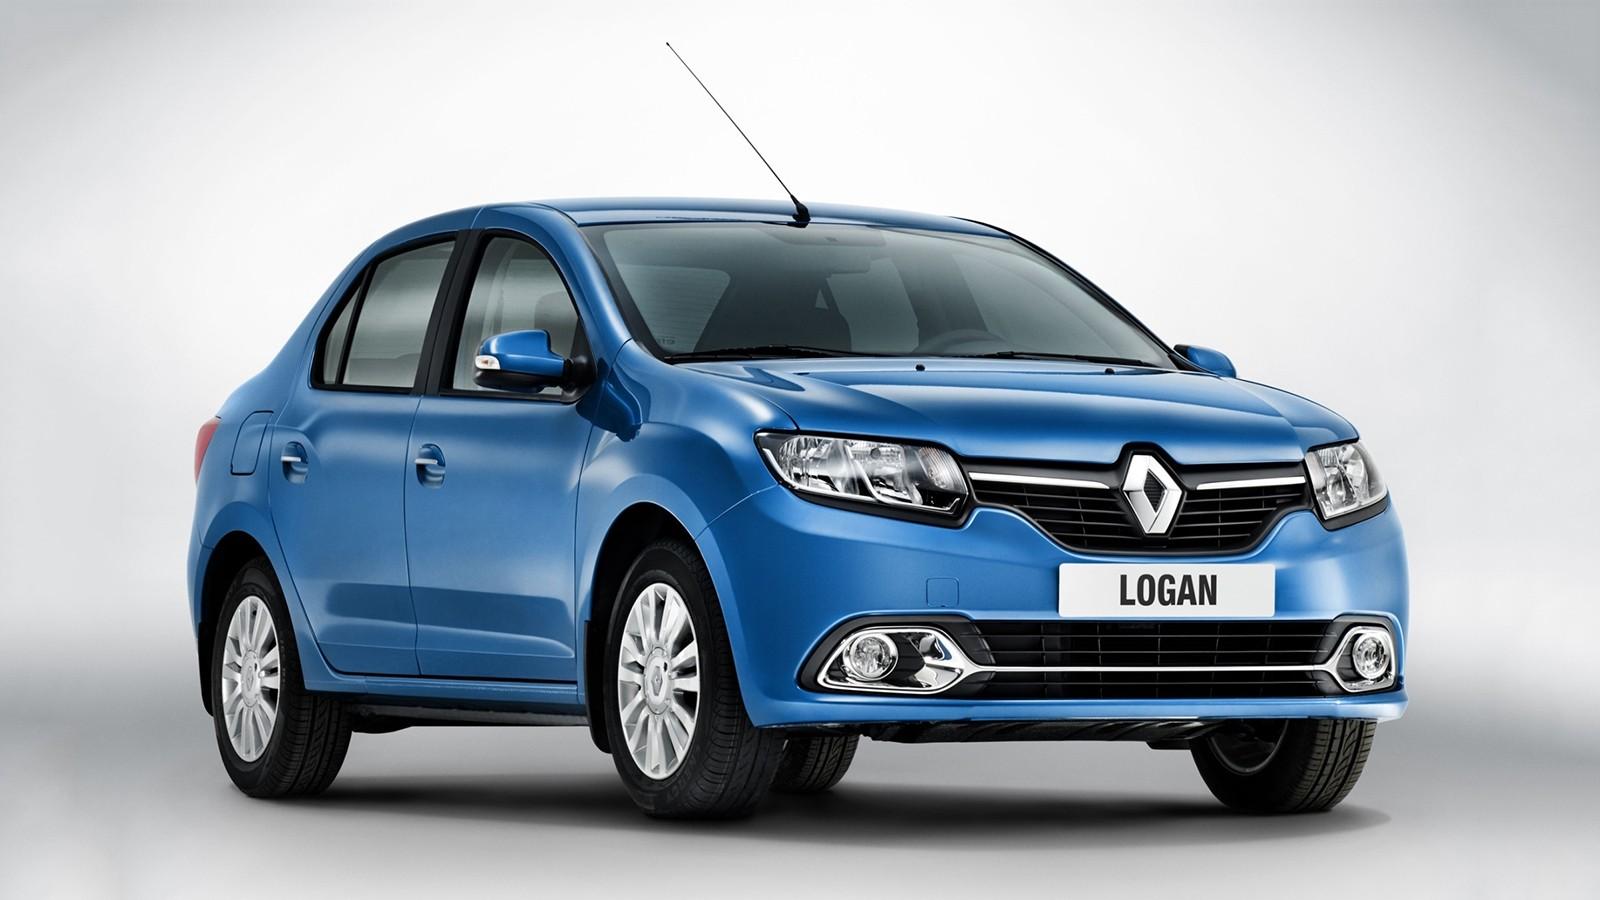 На фото: Renault Logan, продающийся в России